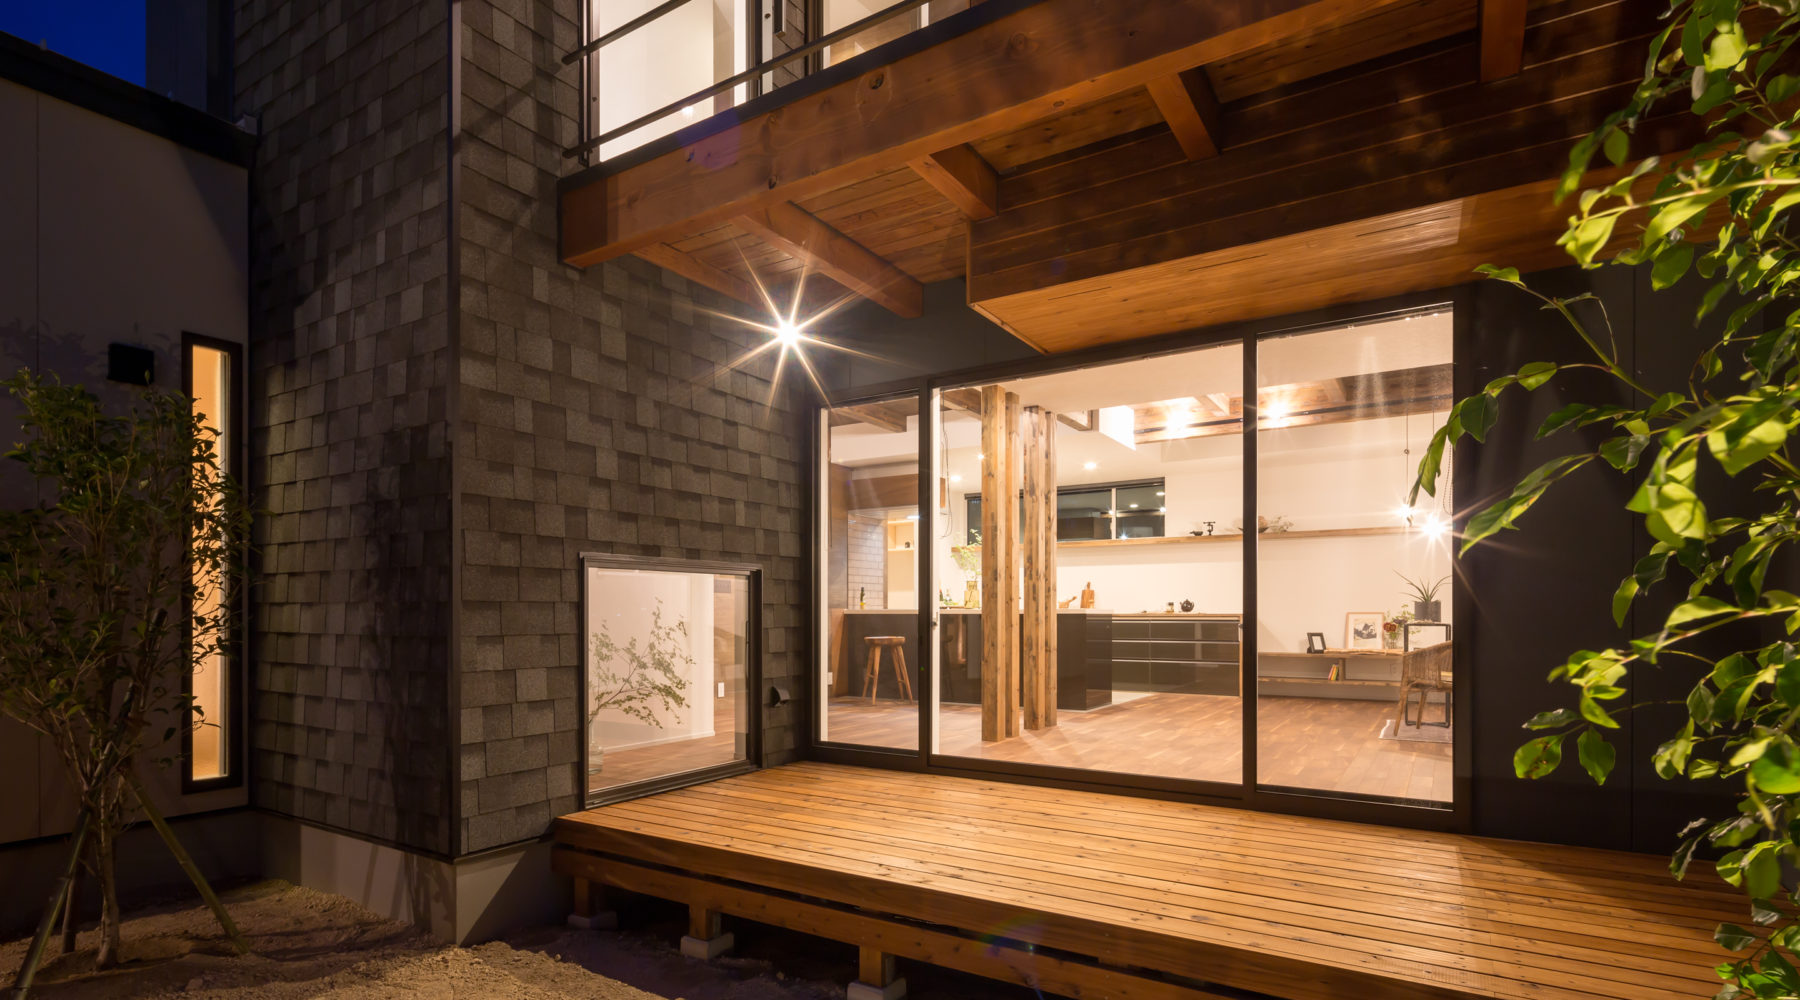 株式会社 建舎団居 STUDIO MADOI 女川町の家 2020/6 竣工